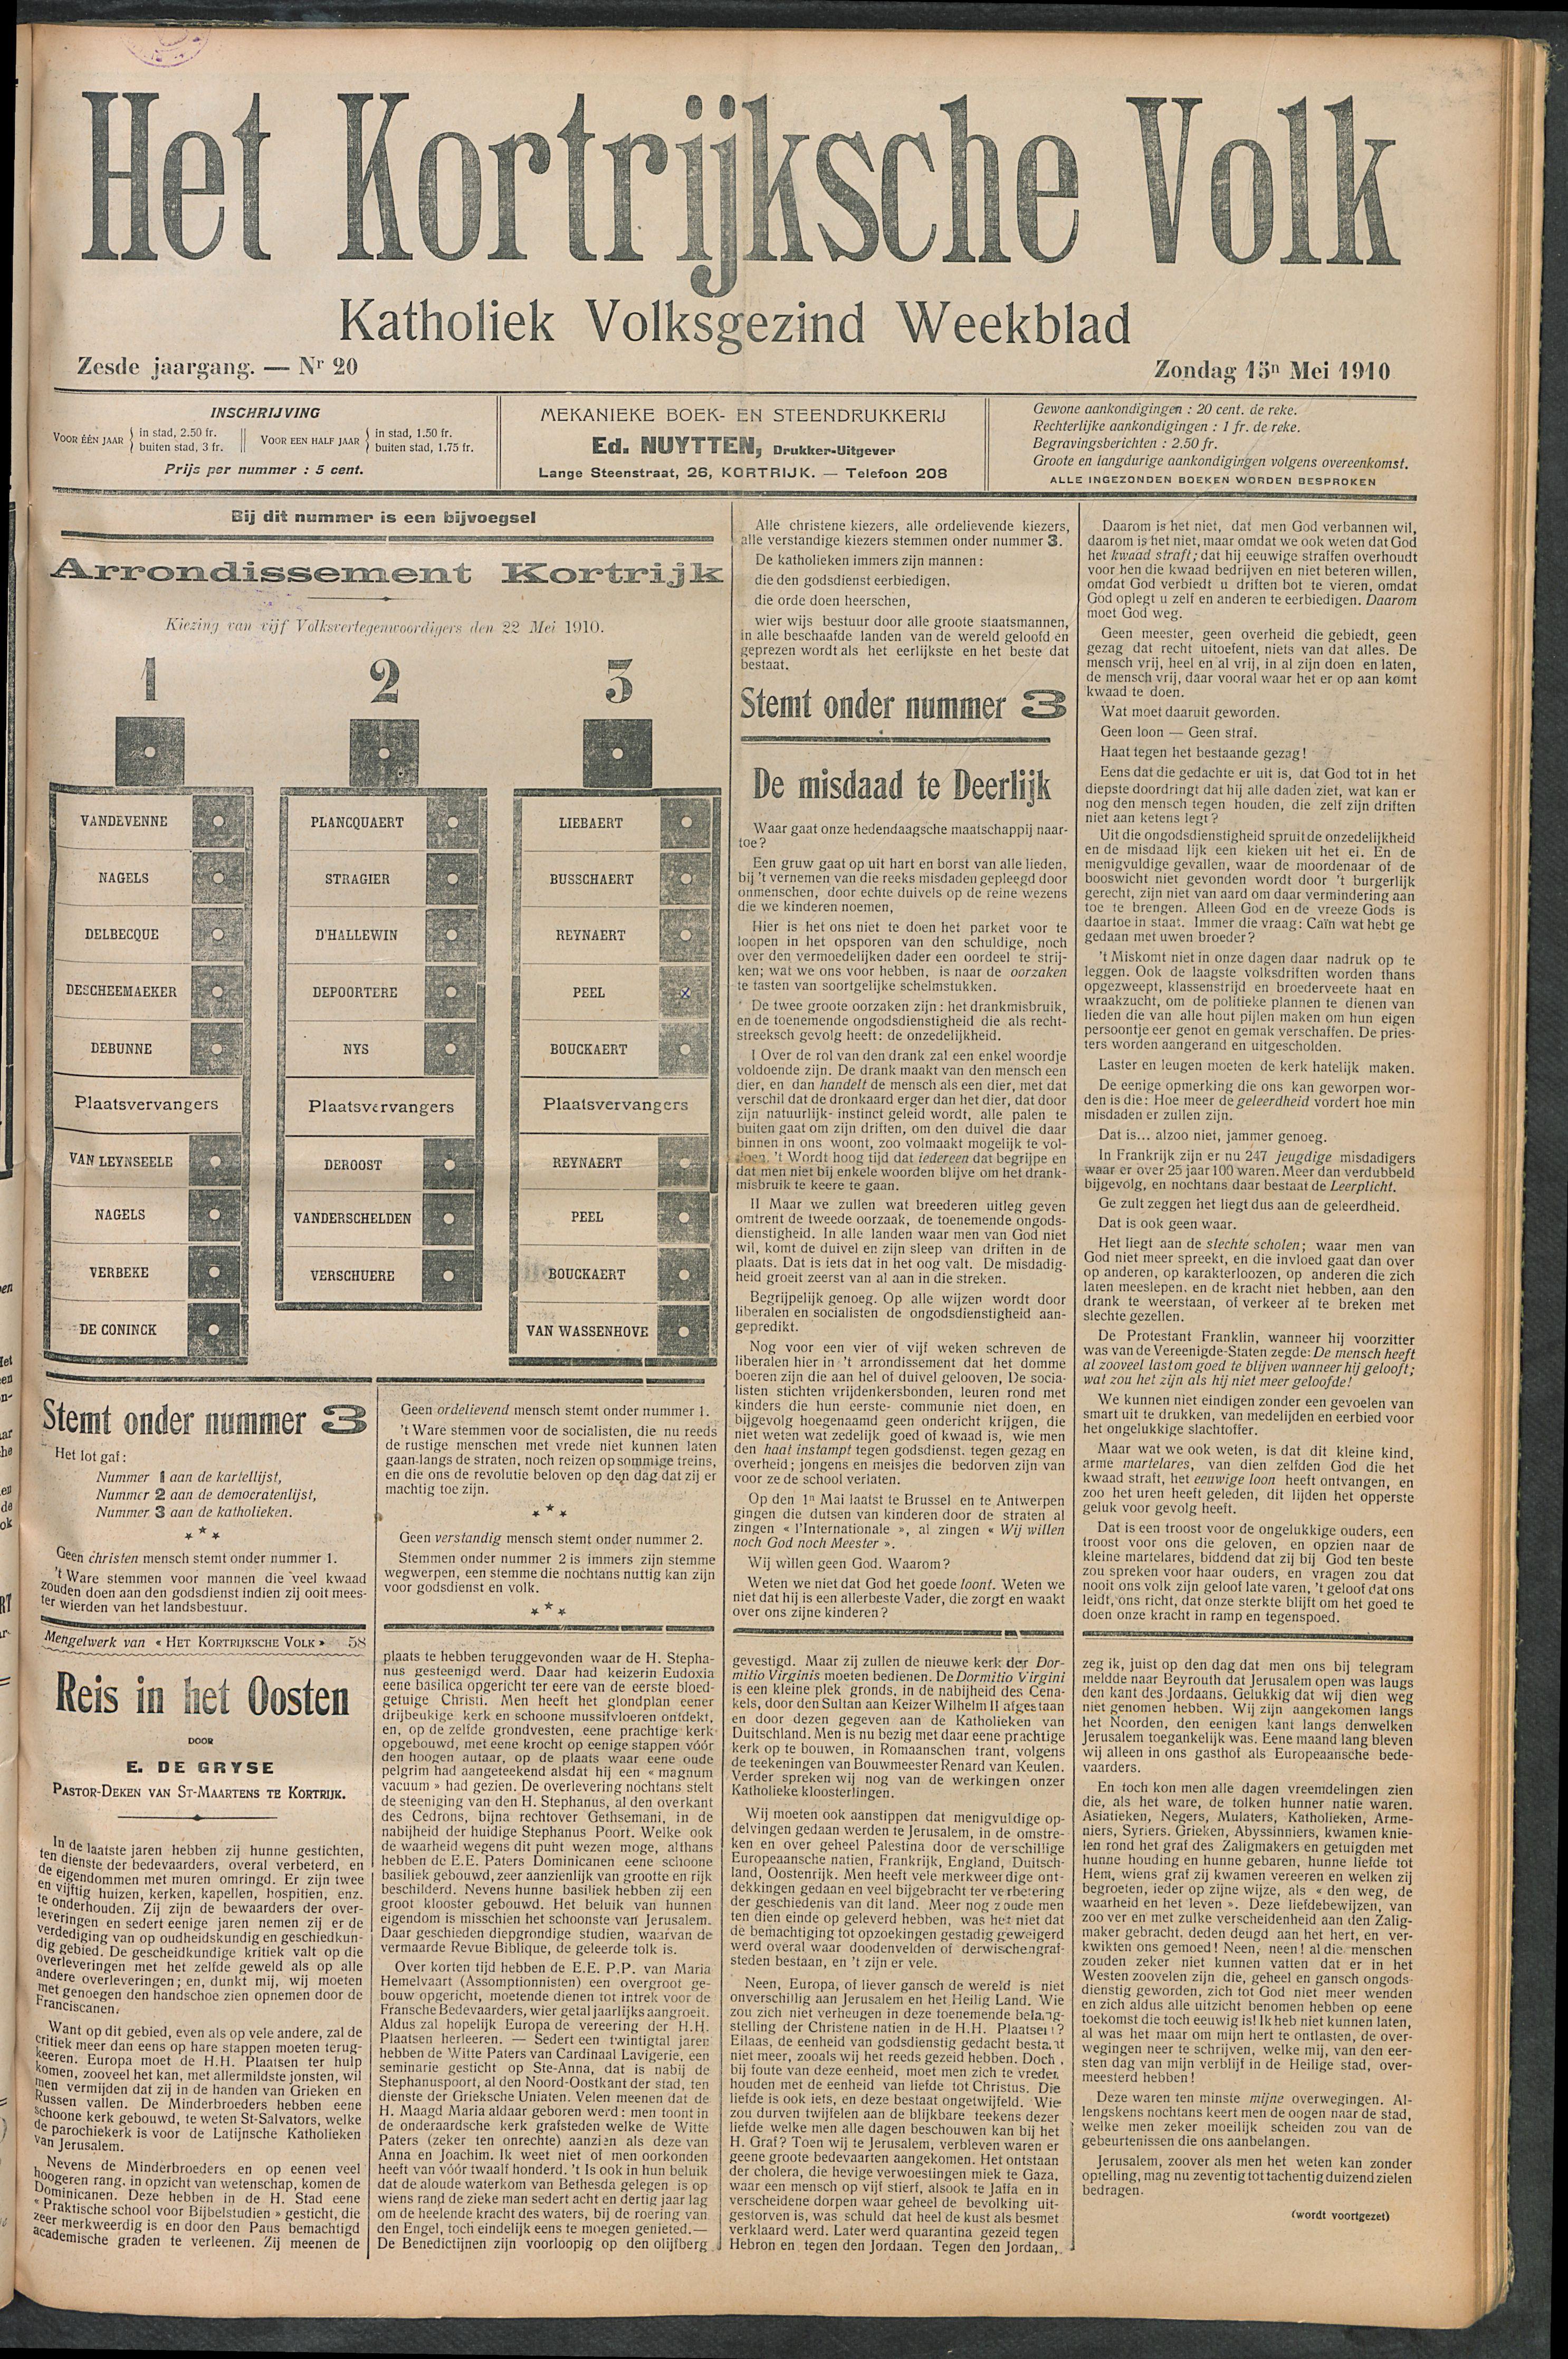 Het Kortrijksche Volk 1910-05-15 p1